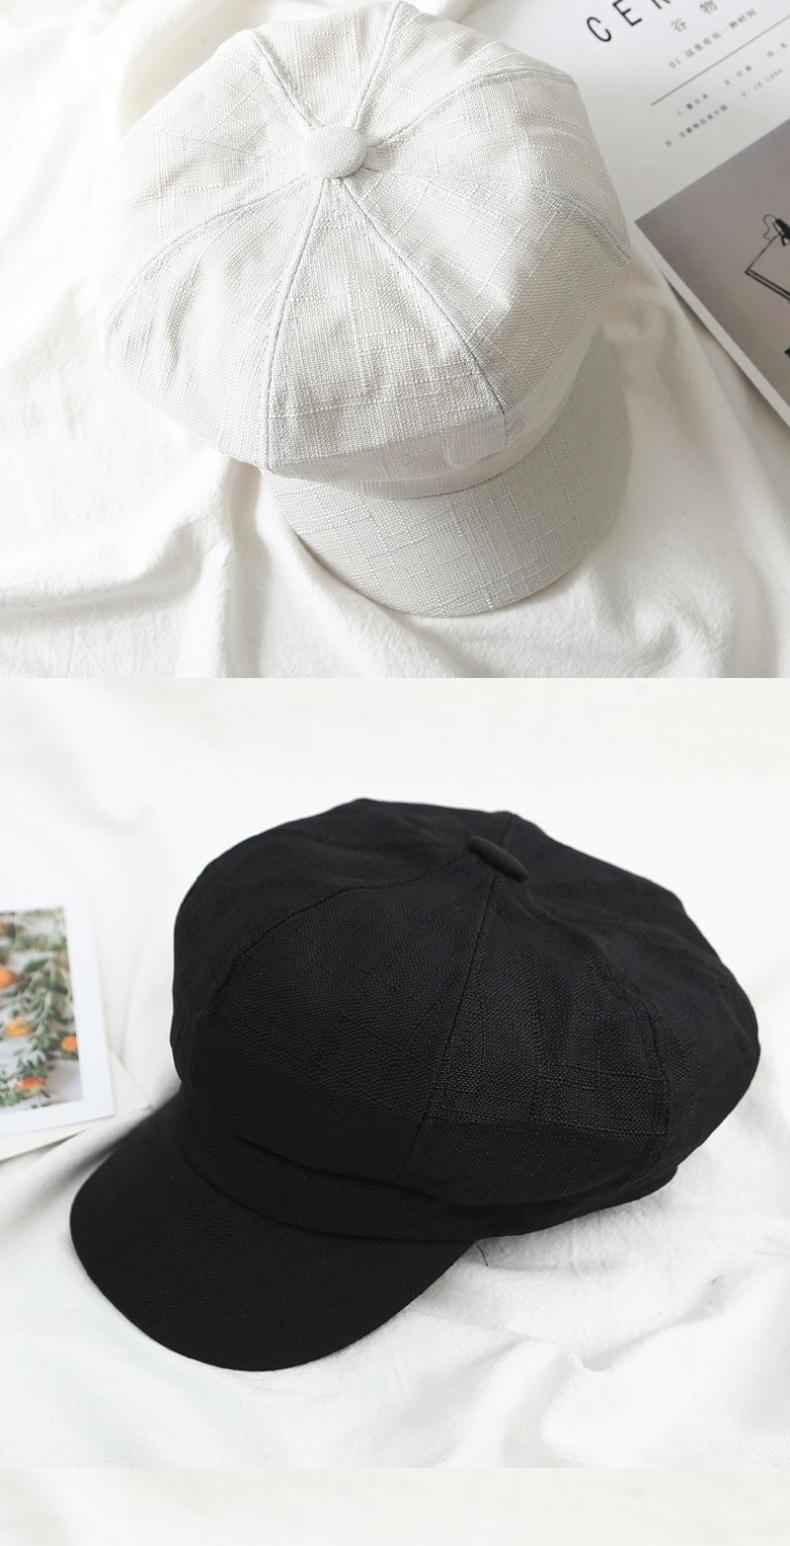 英伦复古百搭八角帽女潮男春夏季画家帽情侣遮阳帽薄款贝雷商品详情图